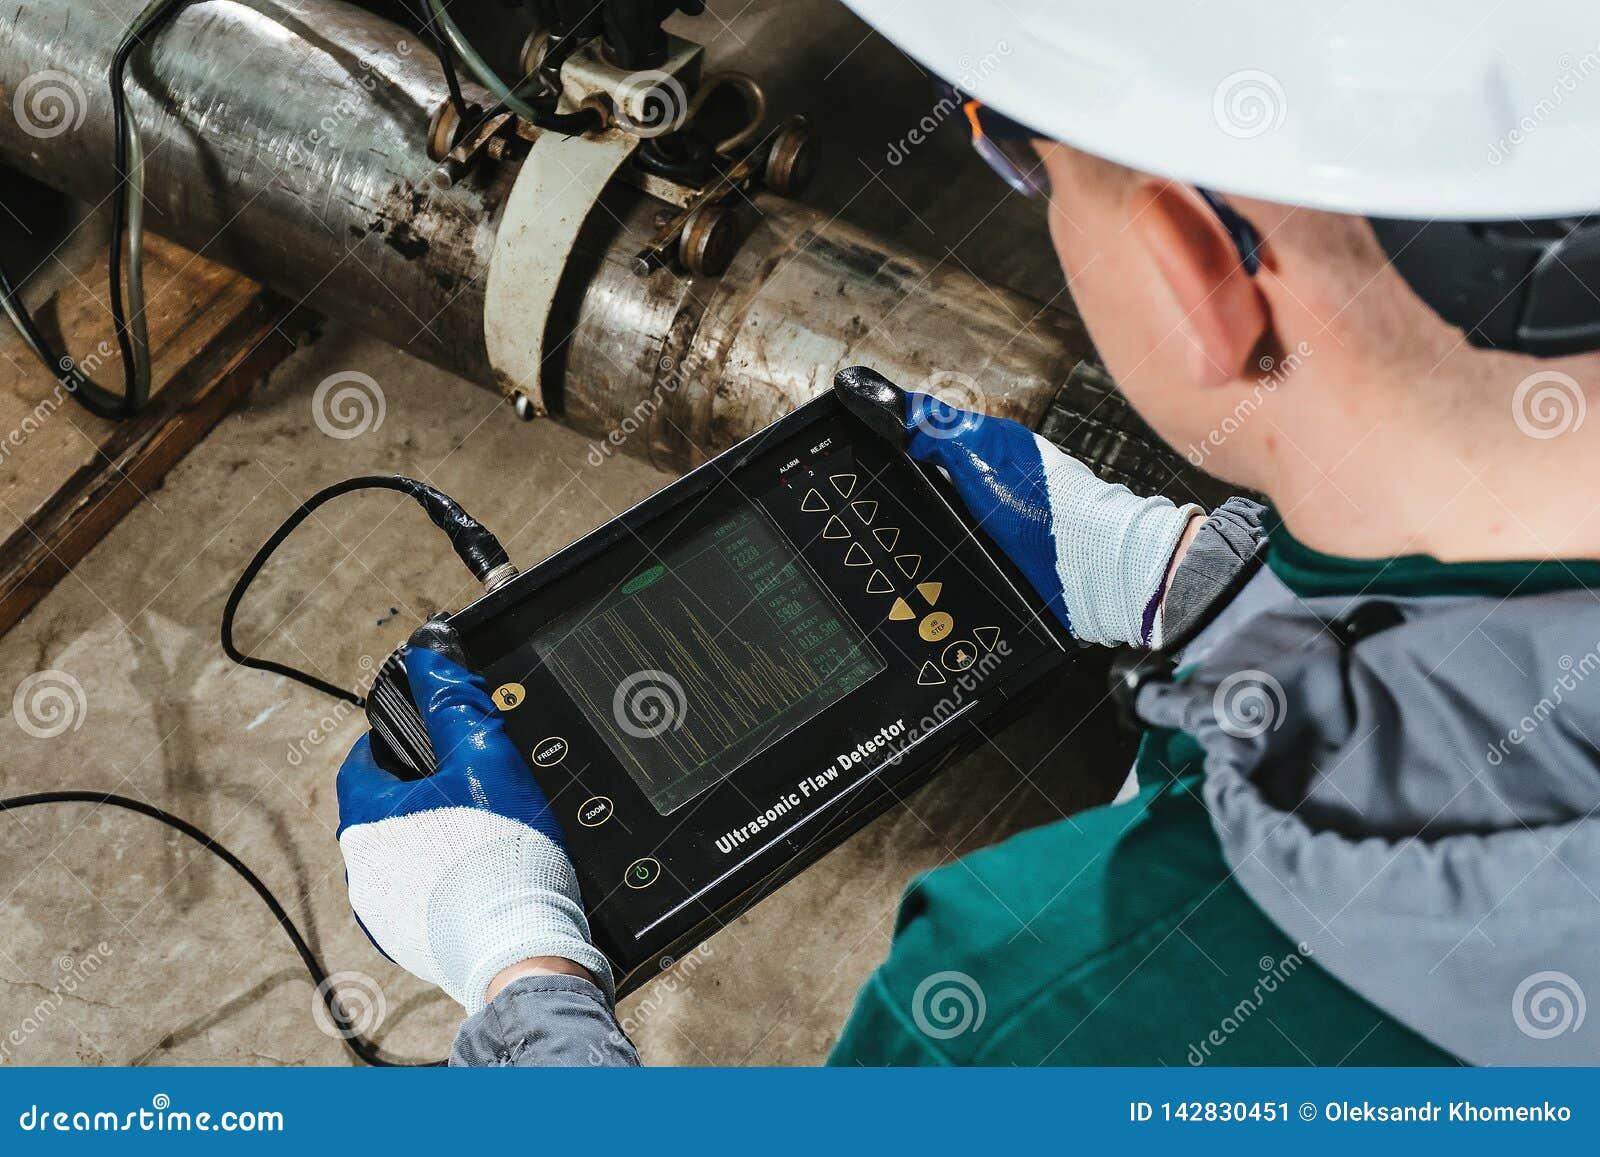 Pracy thiw skazy ultrasonic detektor